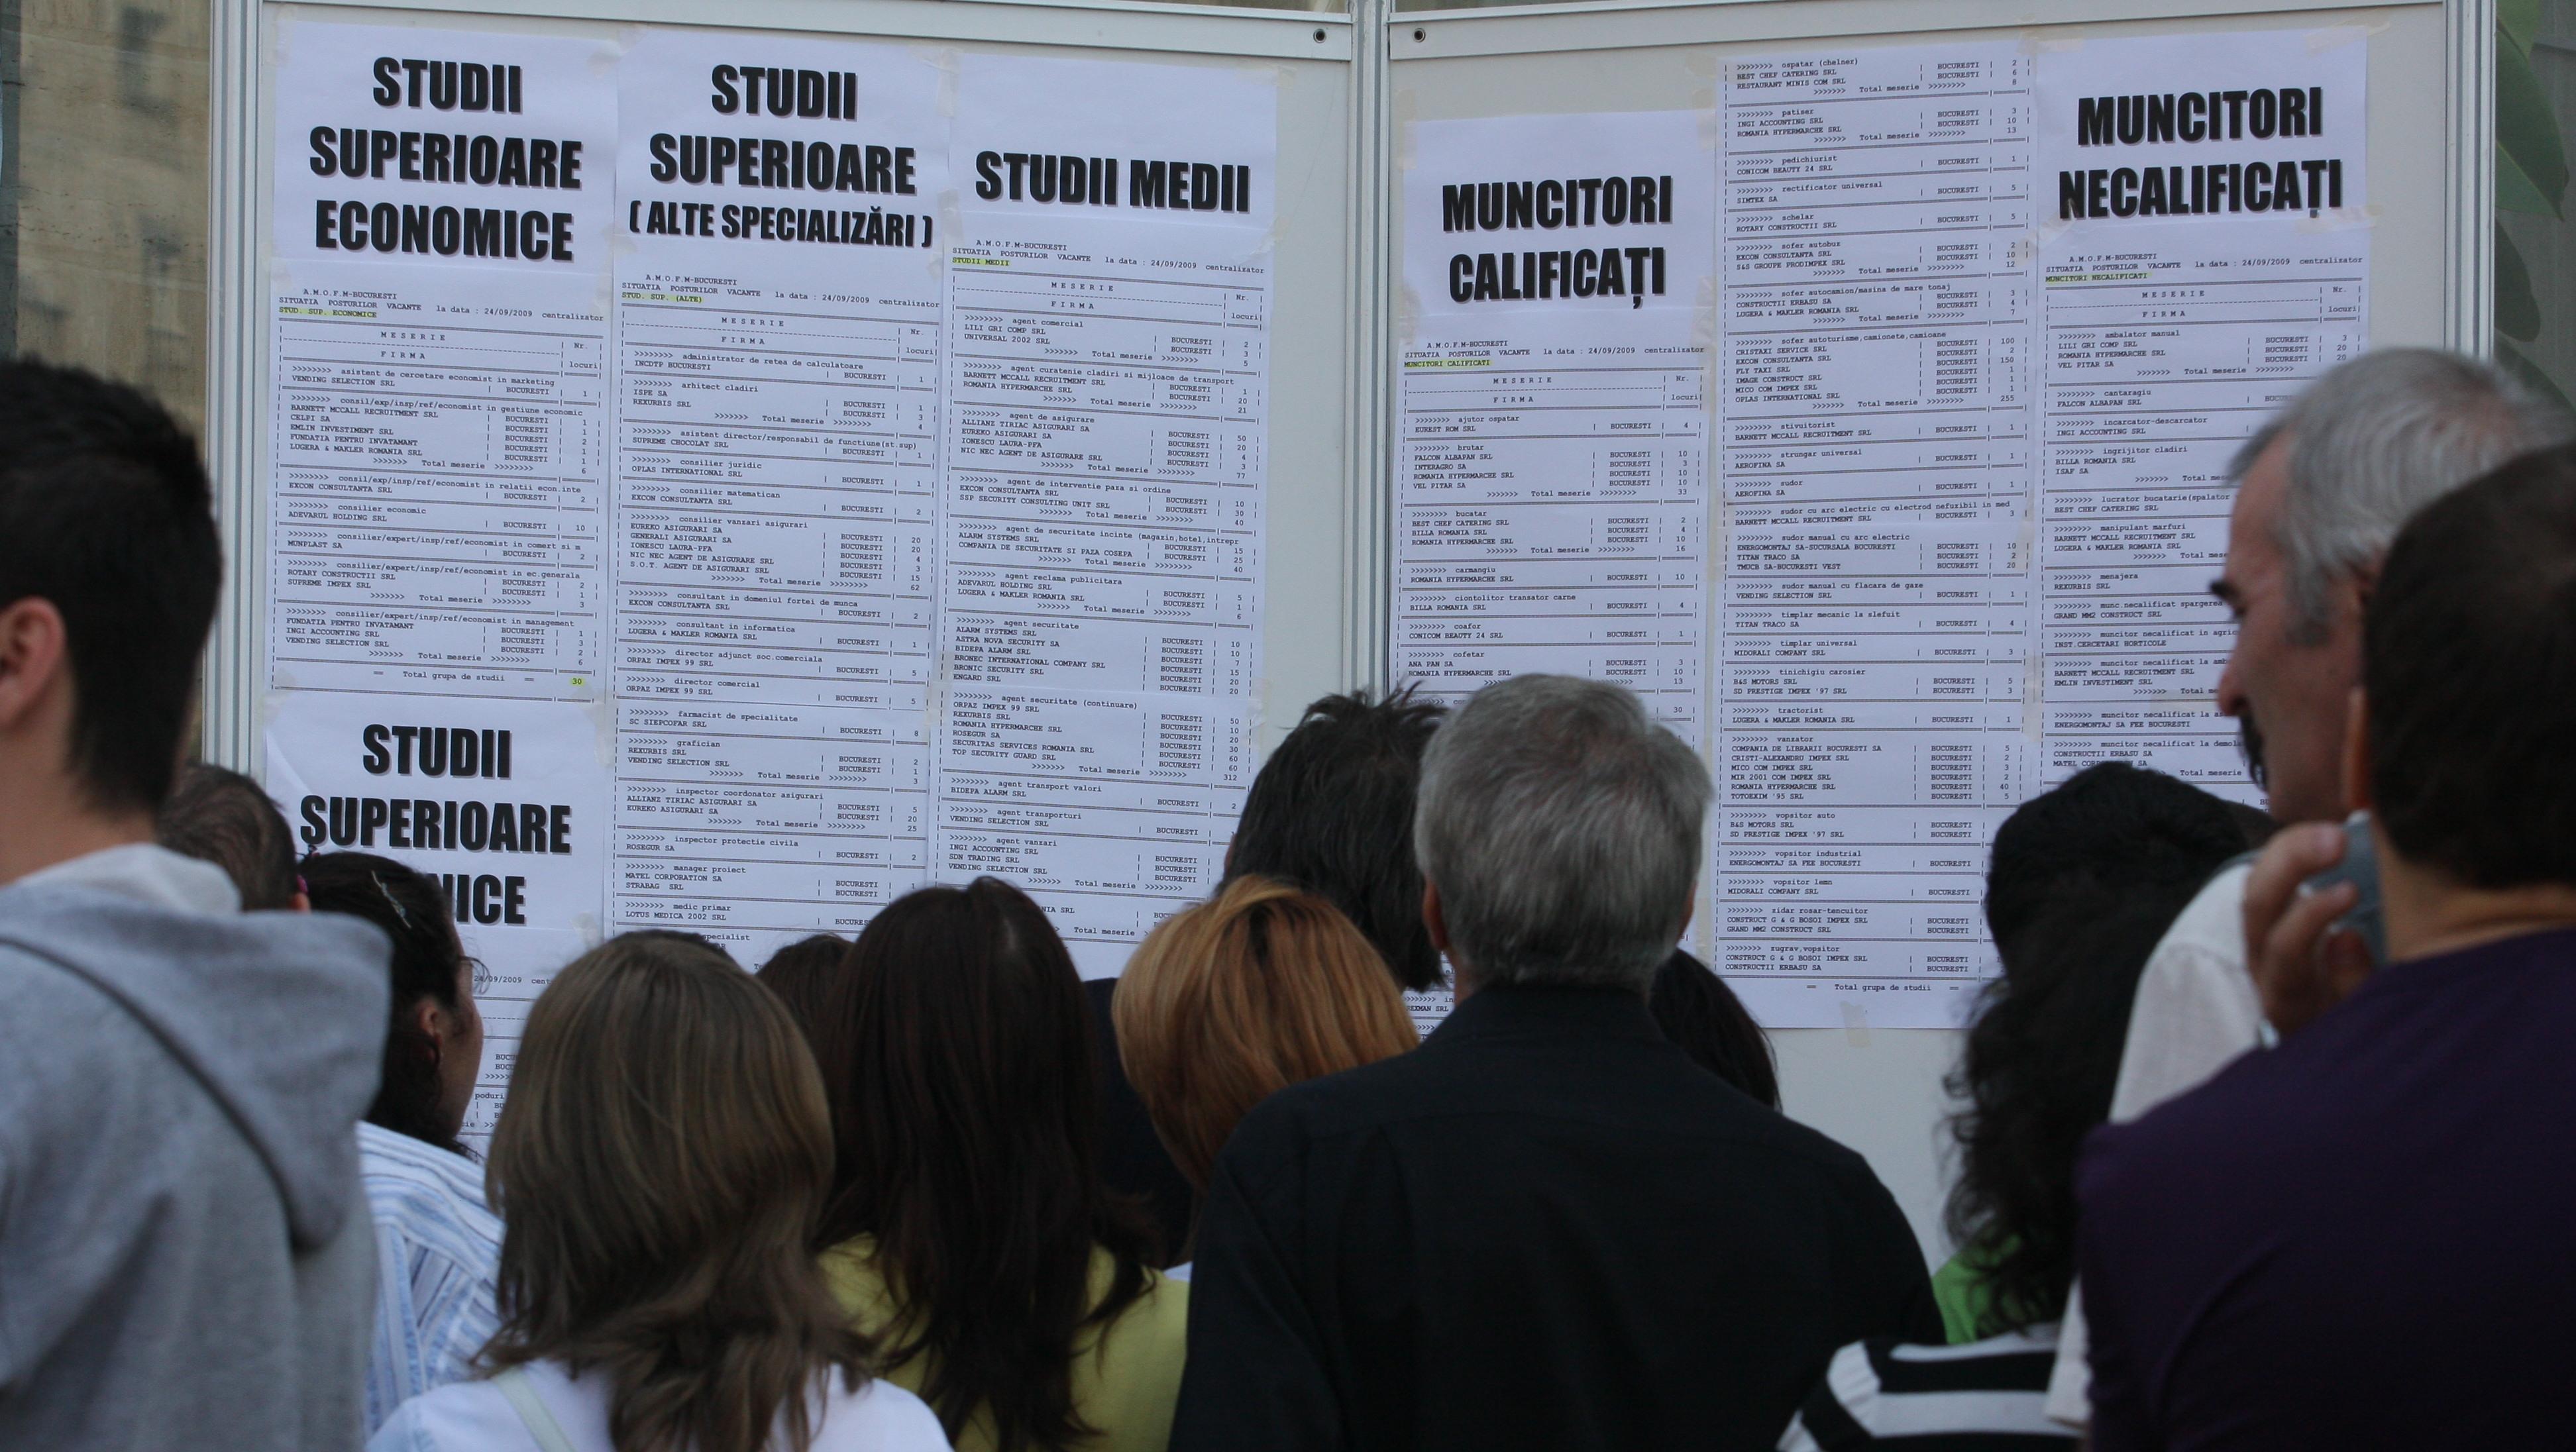 Alertă! Un colos european părăsește România! Peste 6300 de oameni, afectați